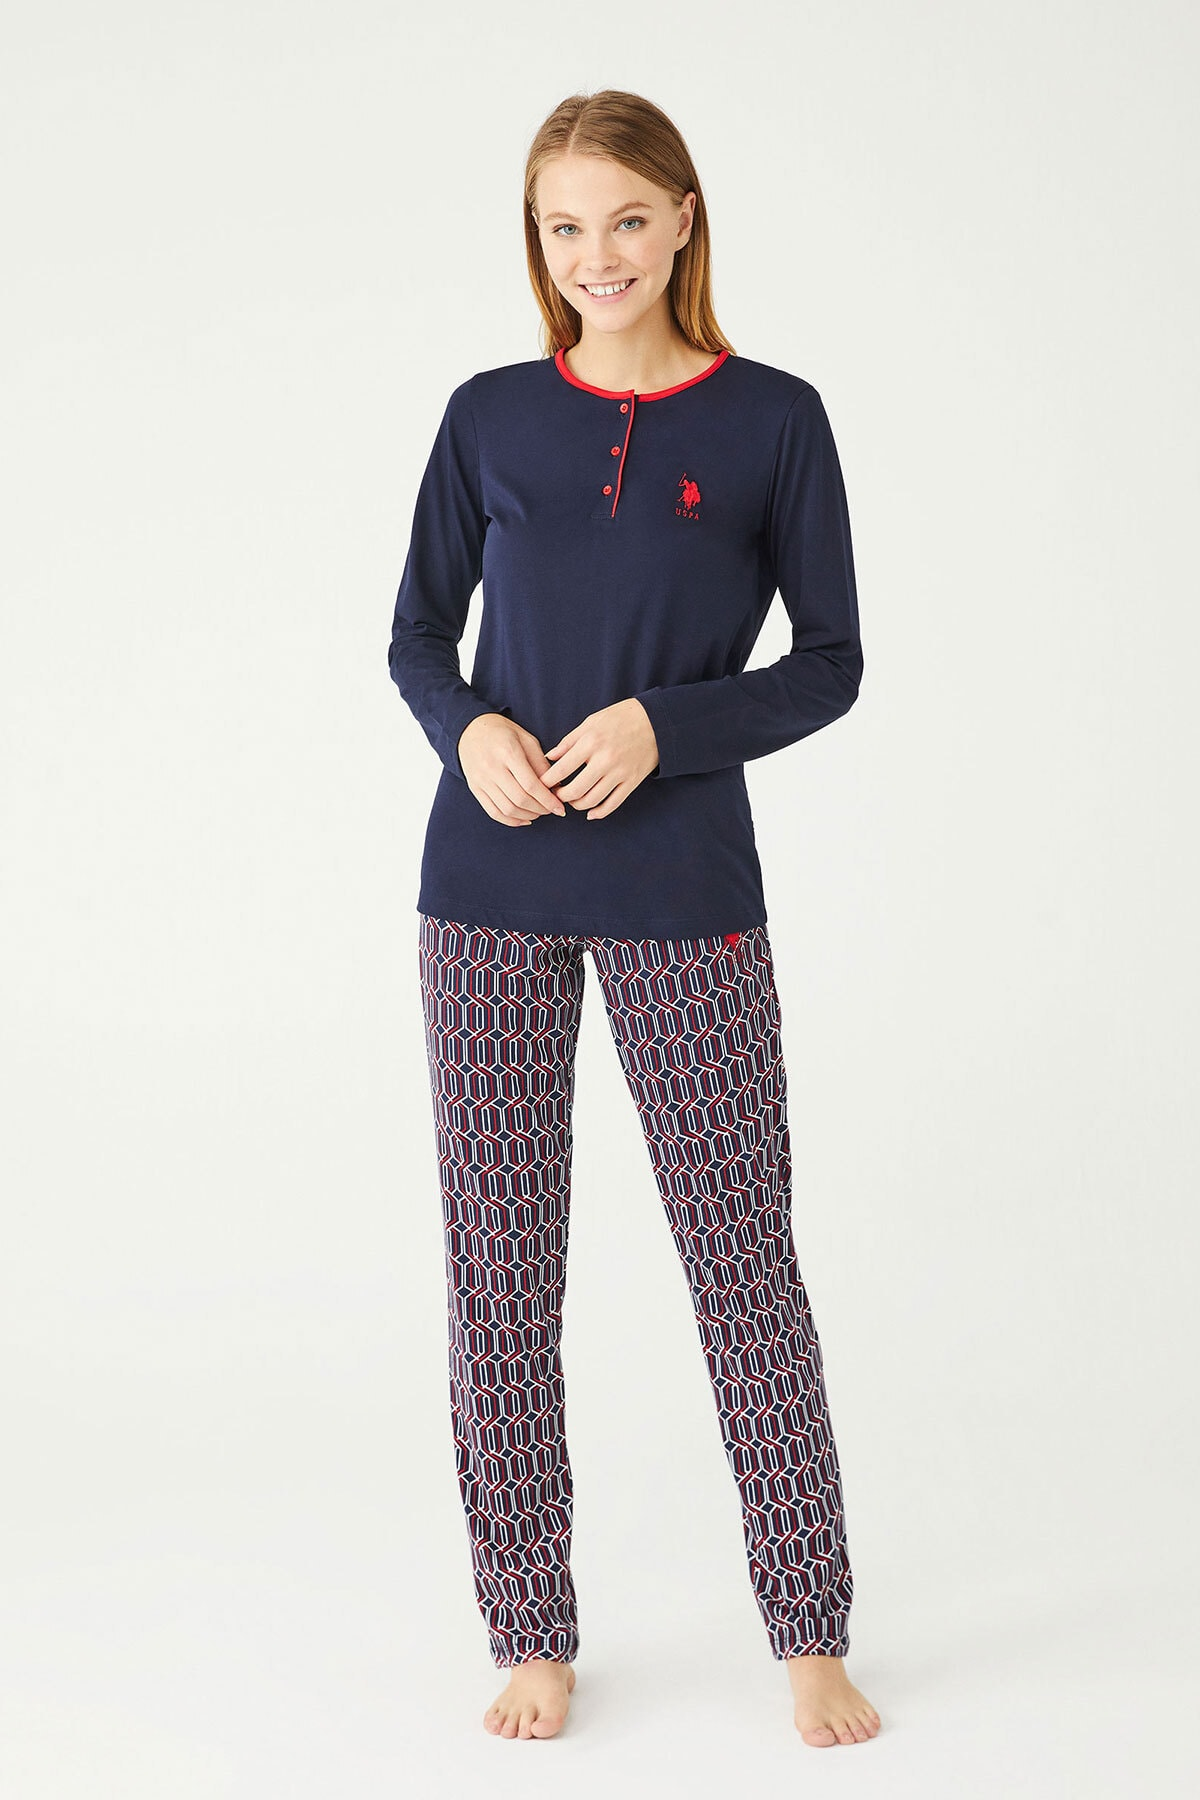 U.S. Polo Assn. U.s Polo Assn. Bayan Pijama Takımı 16389 1